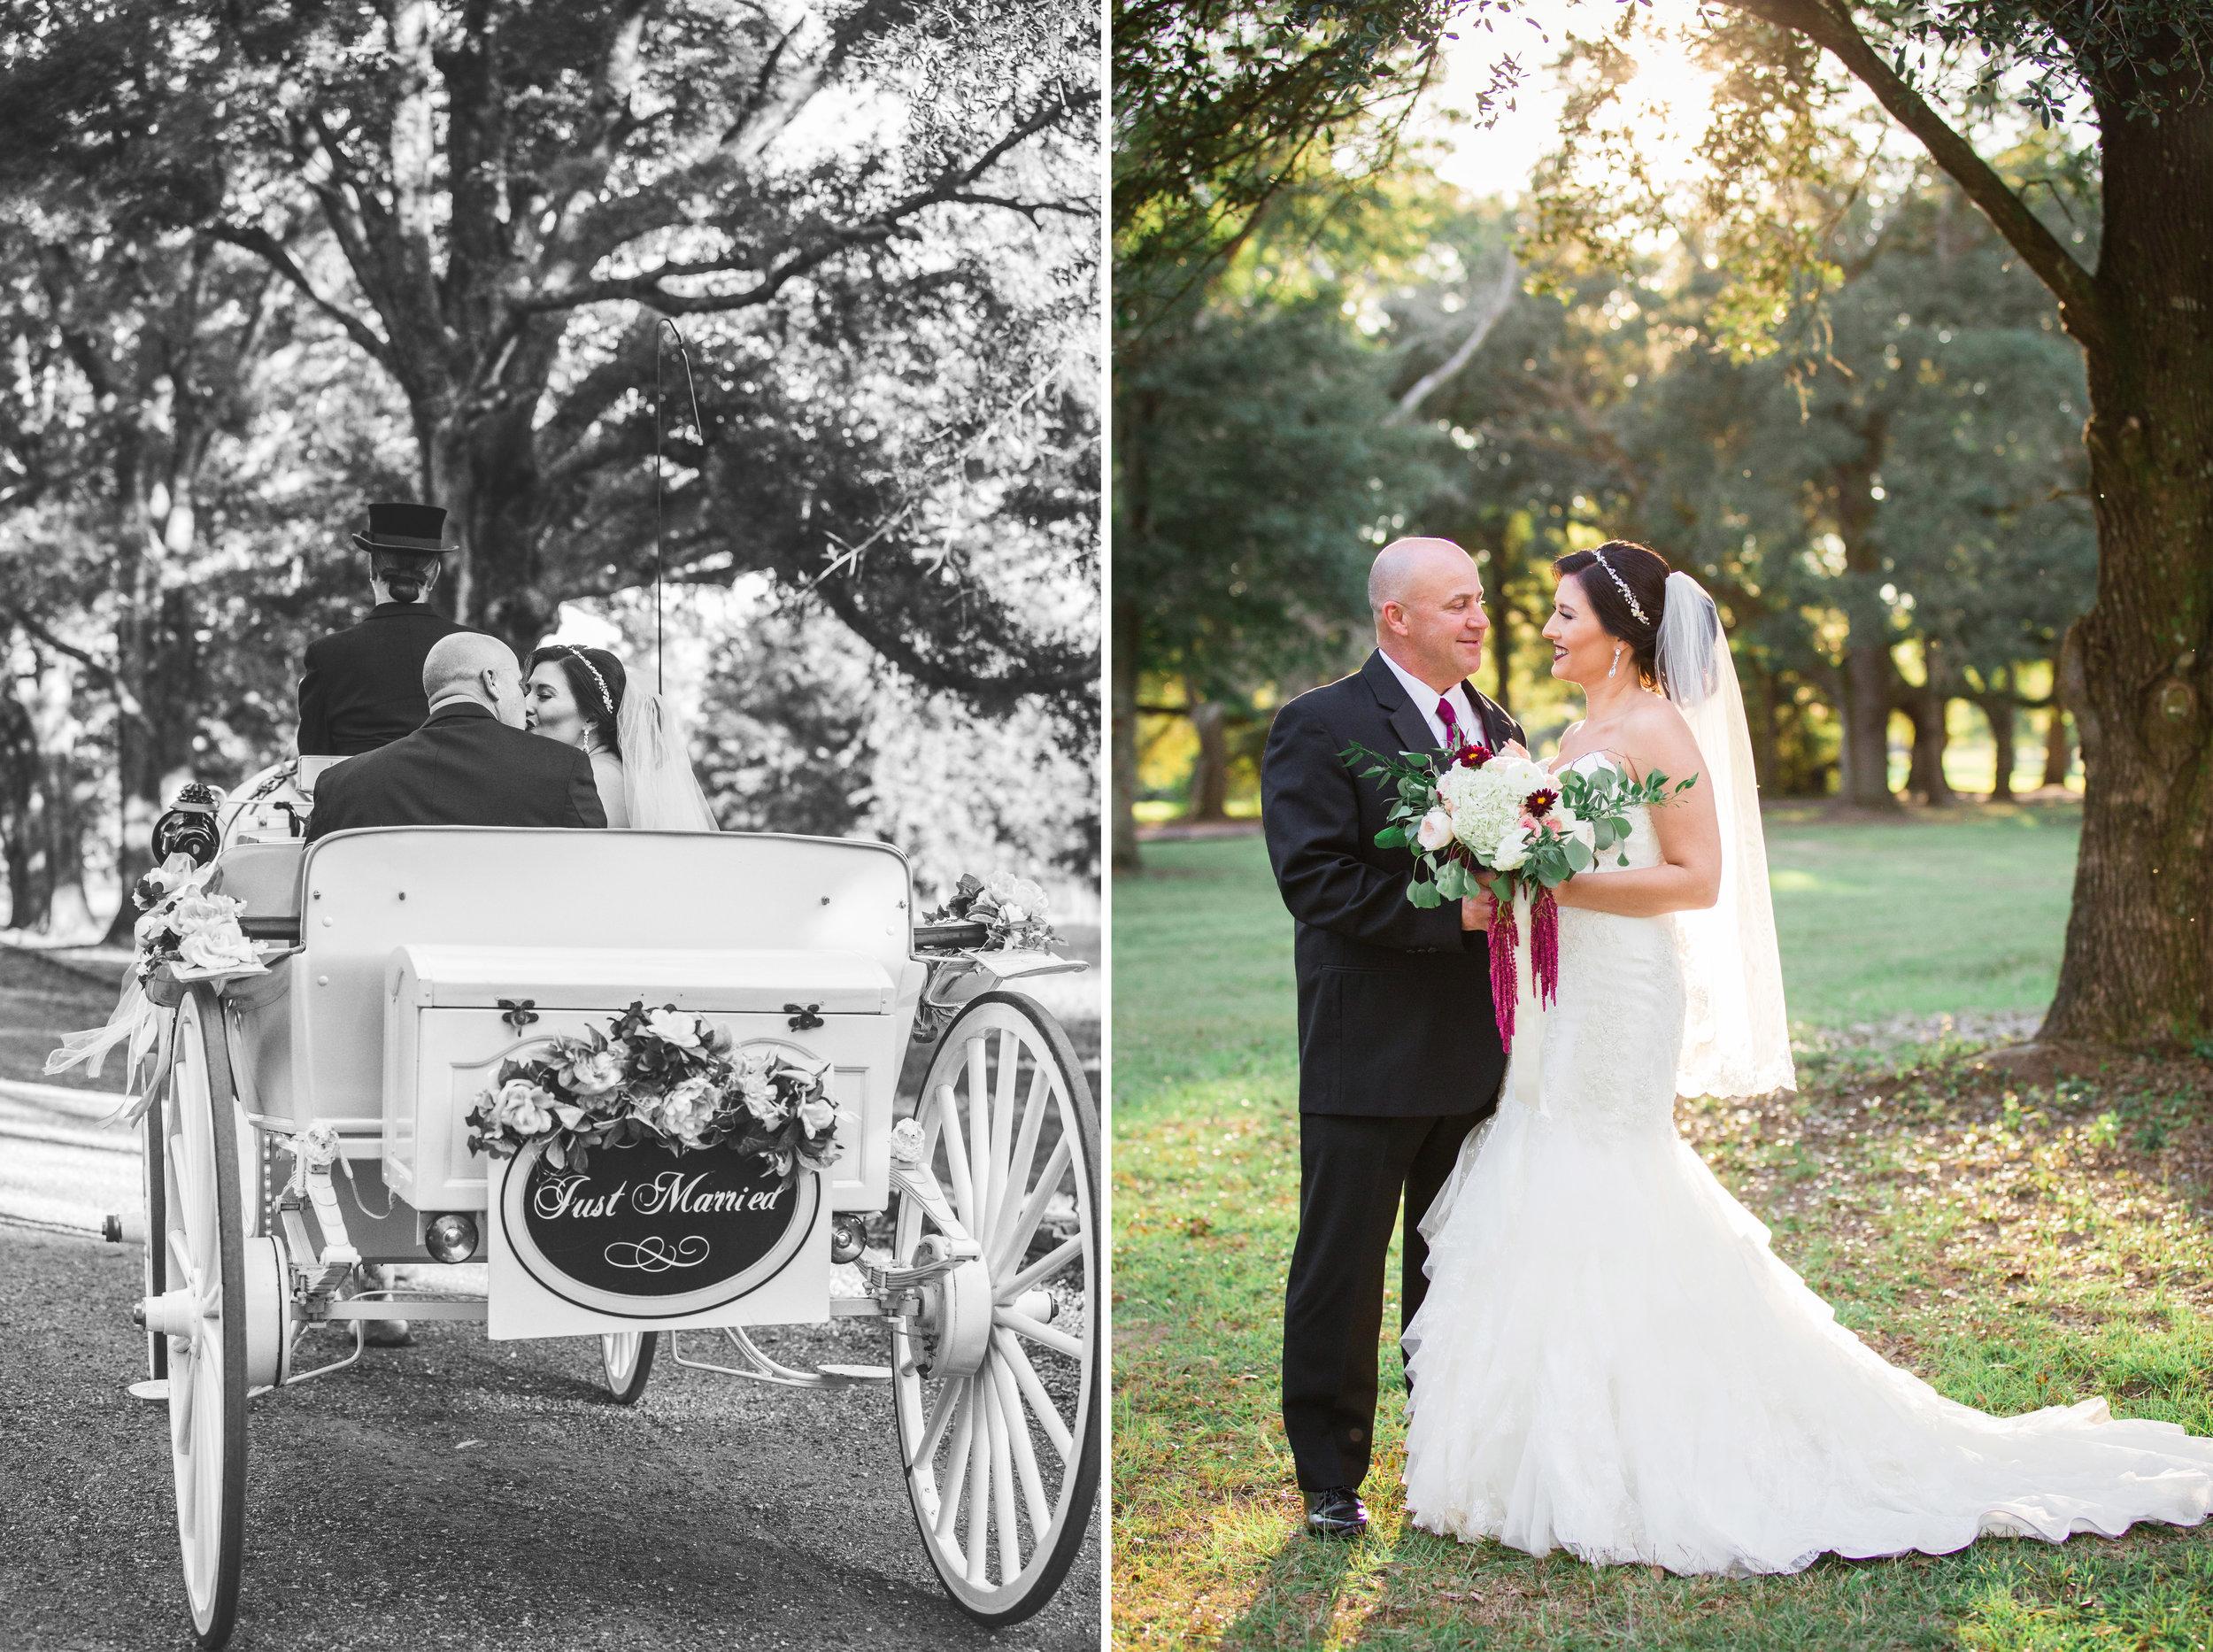 Barn-Wedding-Ates-Ranch-Wedding-Photo-Photography-Video-Videography-Pensacola-Florida-Courtney-Clint-35.jpg